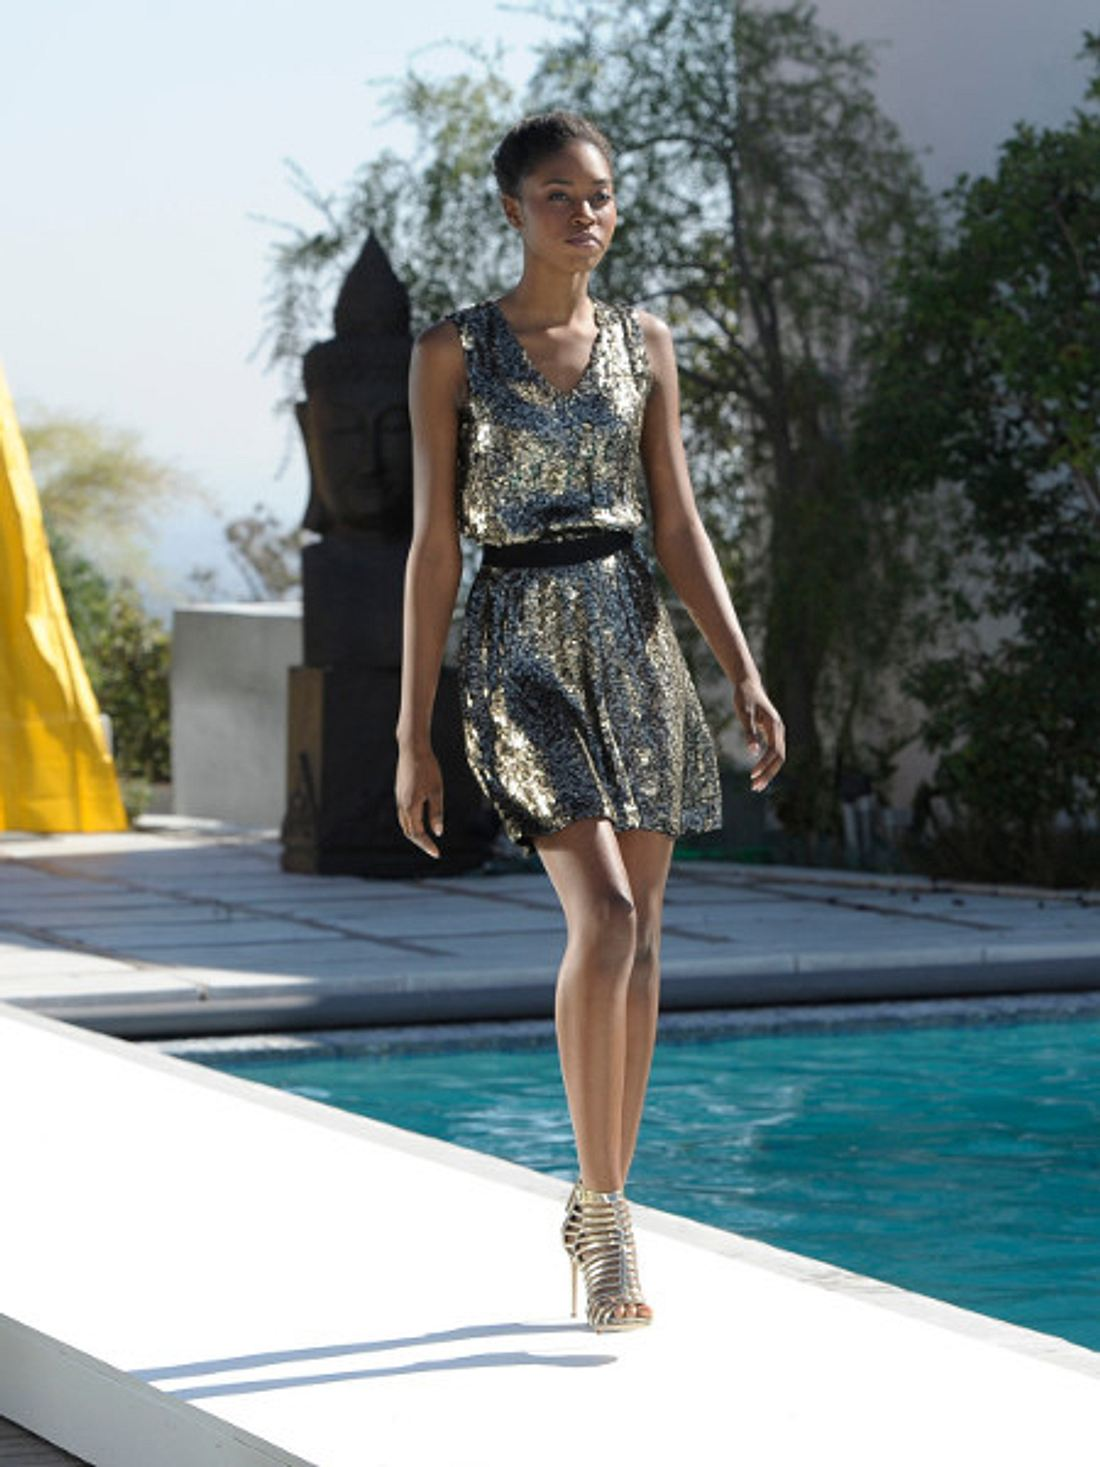 Karlin sieht Naomi Campbell verblüffend ähnlich